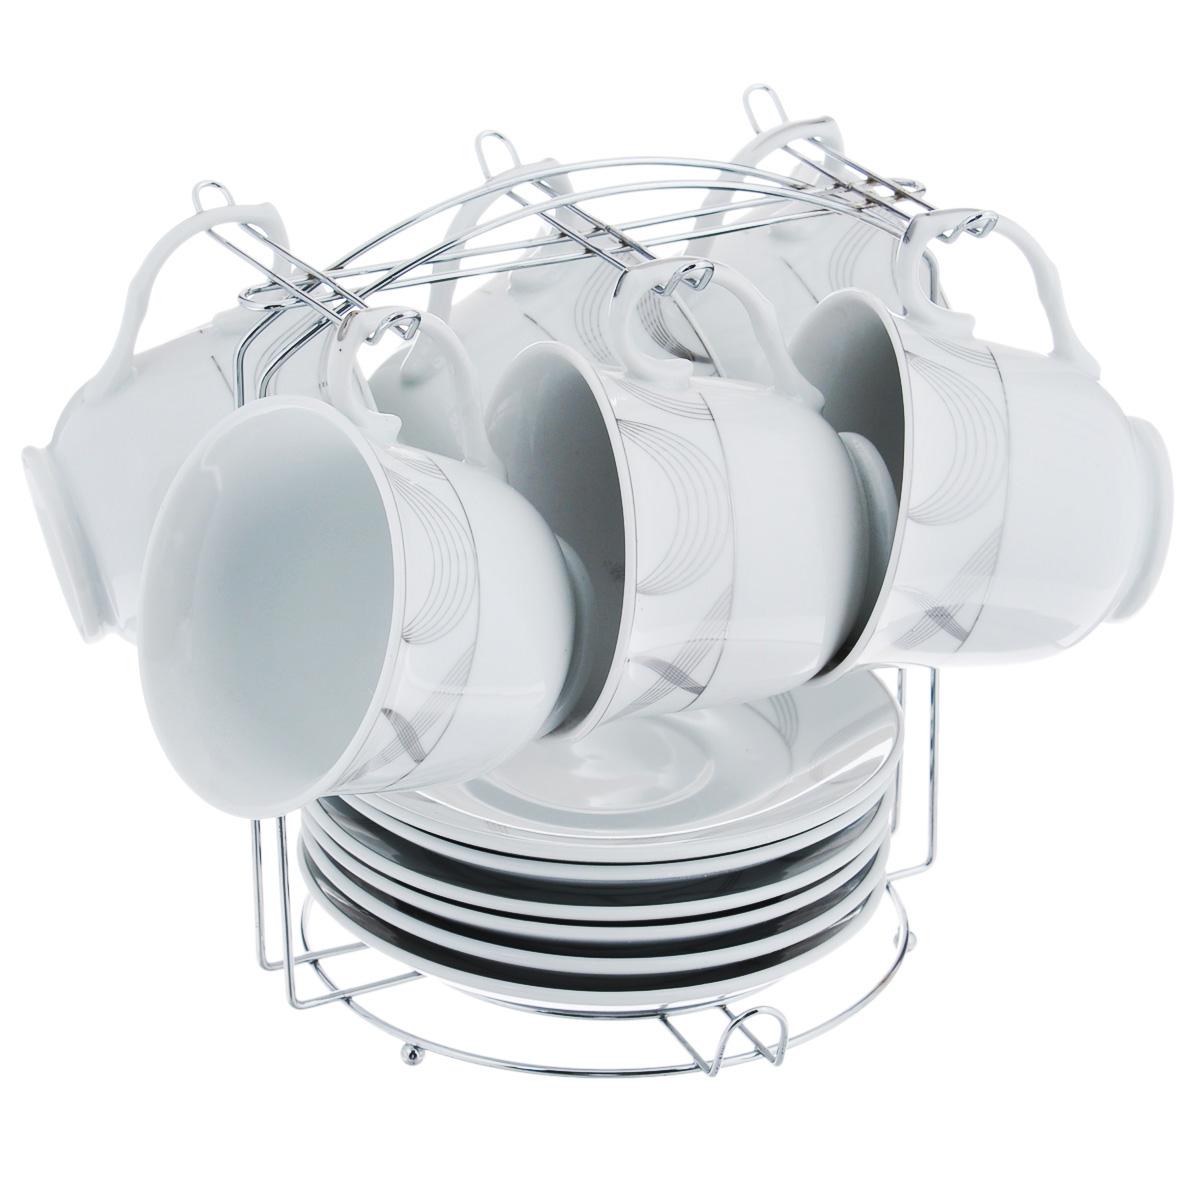 Набор чайный Bekker, 13 предметов. BK-6801VT-1520(SR)Чайный набор Bekker состоит из 6 чашек, 6 блюдец и металлической подставки. Изделия выполнены из высококачественного фарфора белого цвета, украшенного изящными узорами серебристой эмалью. Для предметов набора предусмотрена специальная металлическая подставка с крючками для чашек и подставкой для блюдец. Изящный чайный набор прекрасно оформит стол к чаепитию и станет замечательным подарком для любой хозяйки. Можно мыть в посудомоечной машине.Объем чашки: 220 мл. Диаметр чашки (по верхнему краю): 9 см. Высота чашки: 7,5 см. Диаметр блюдца: 14 см.